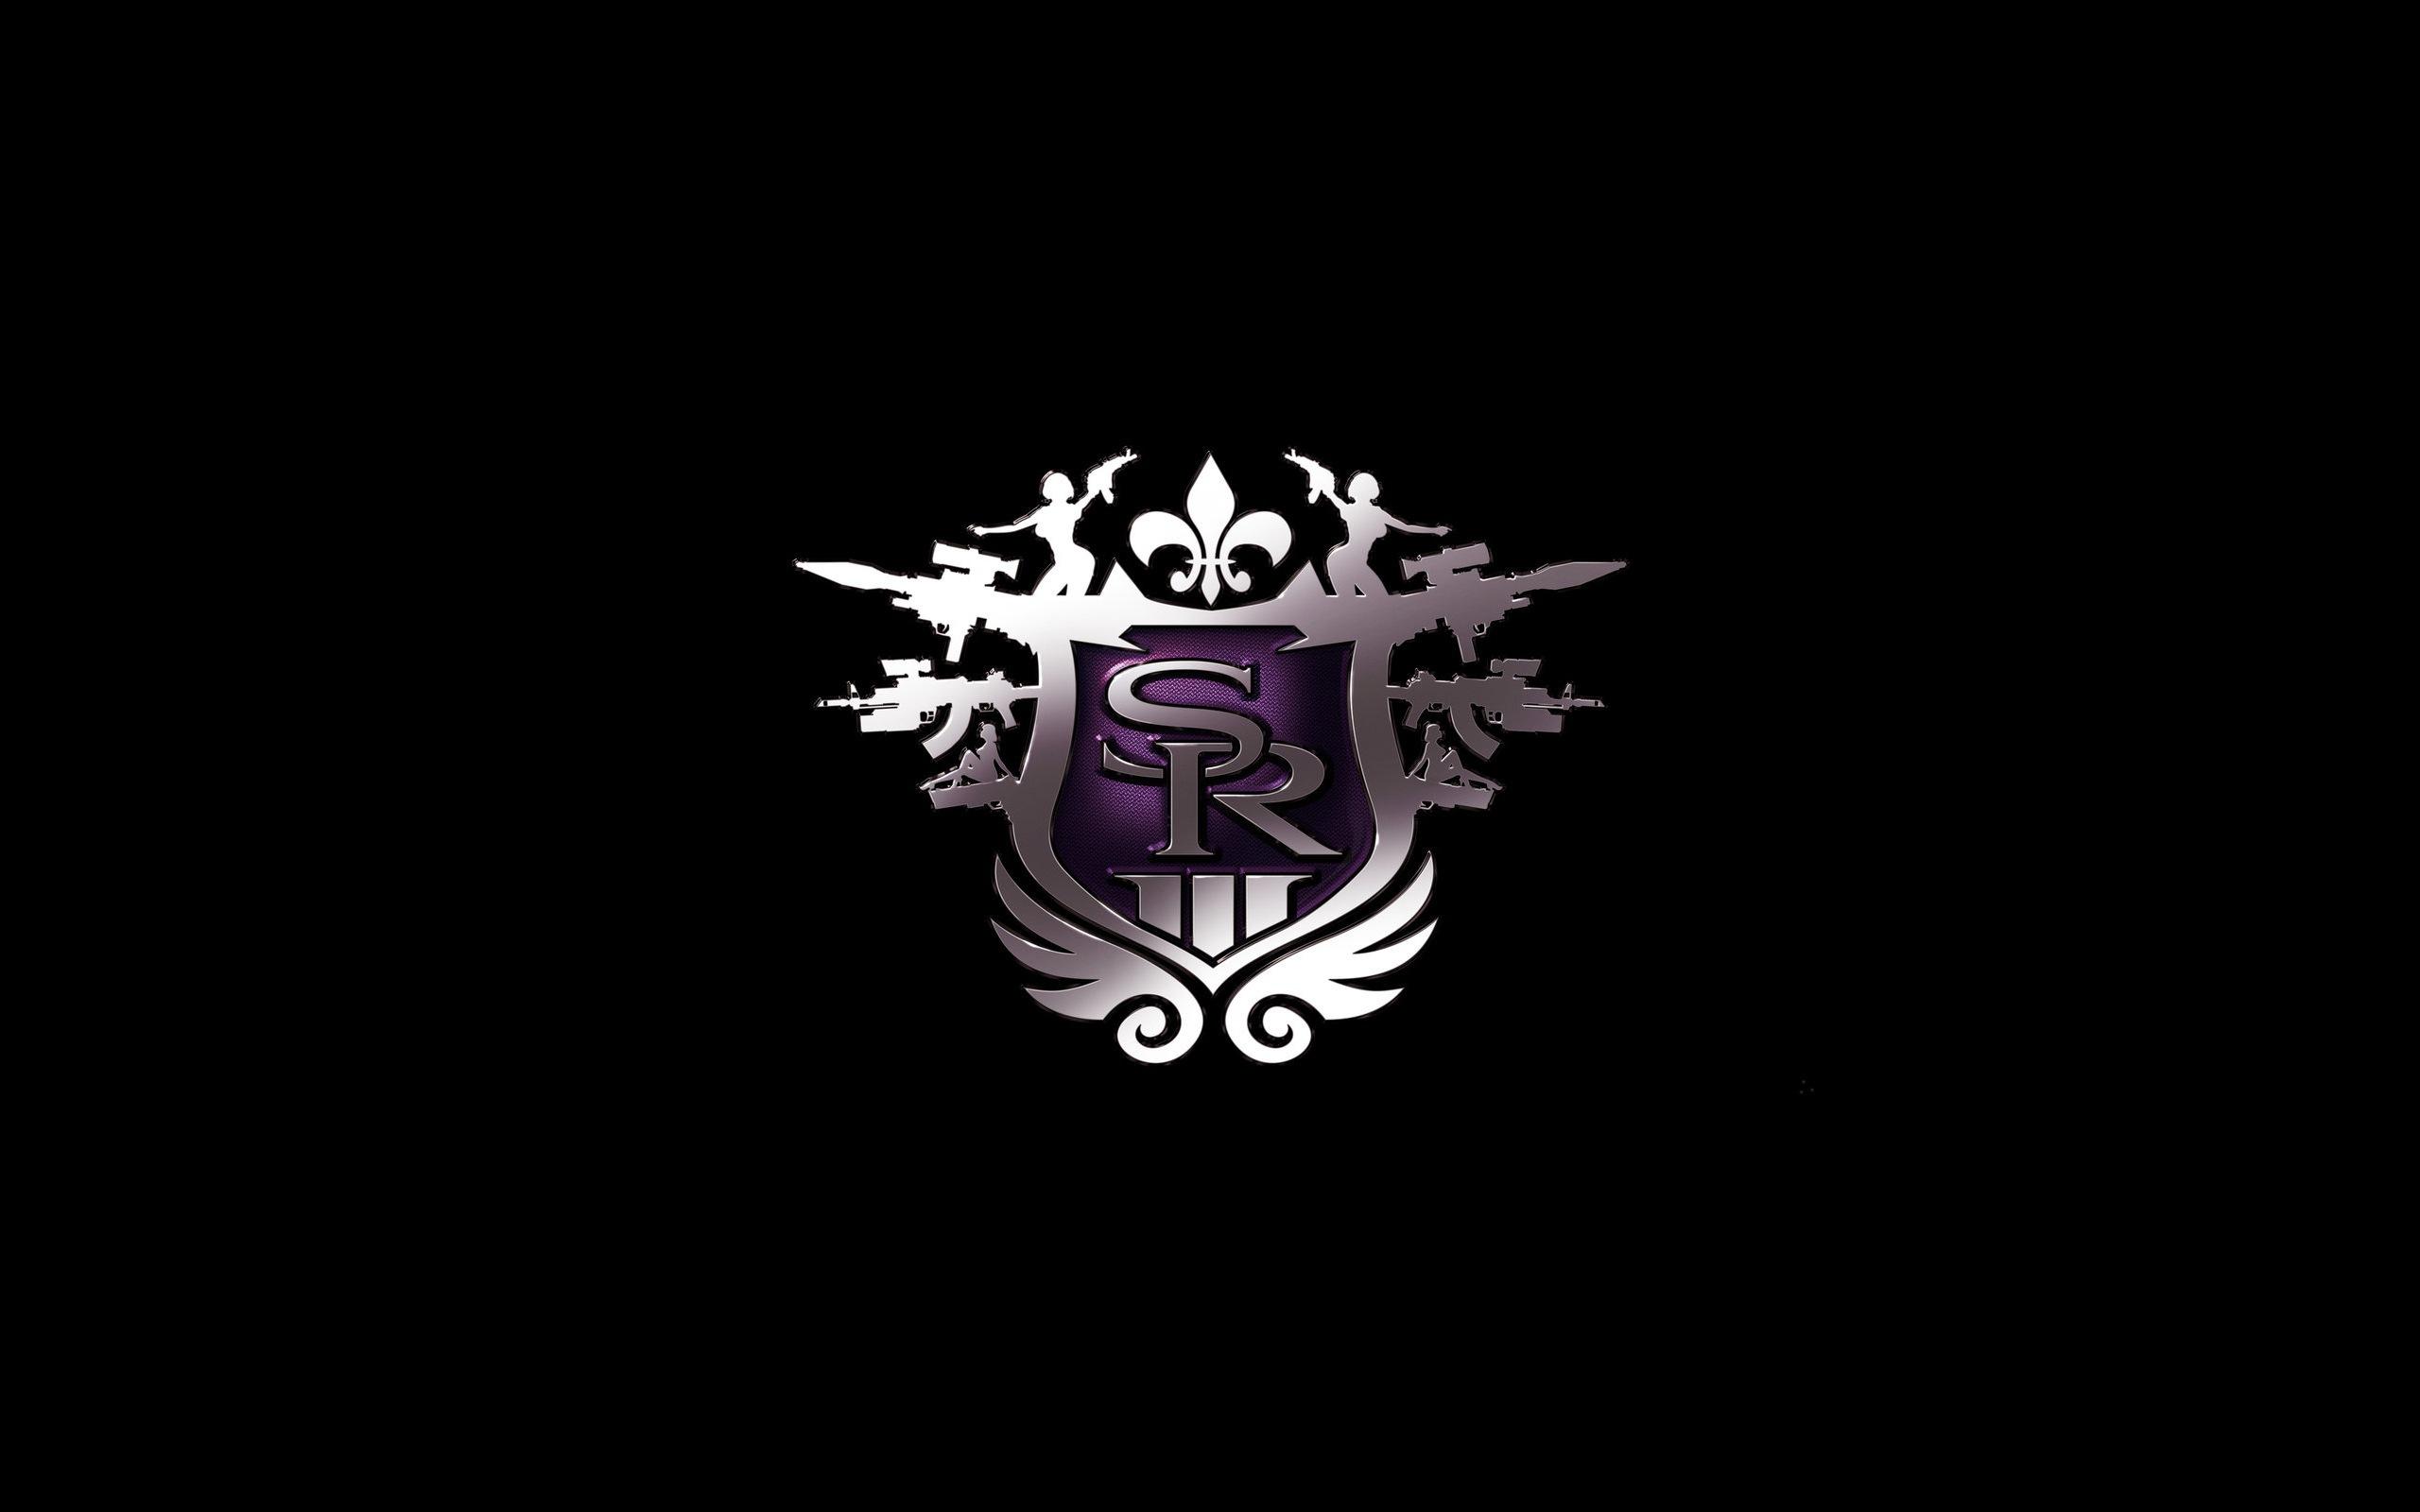 Saints Row Logo Wallpaper 2560x1600 27826